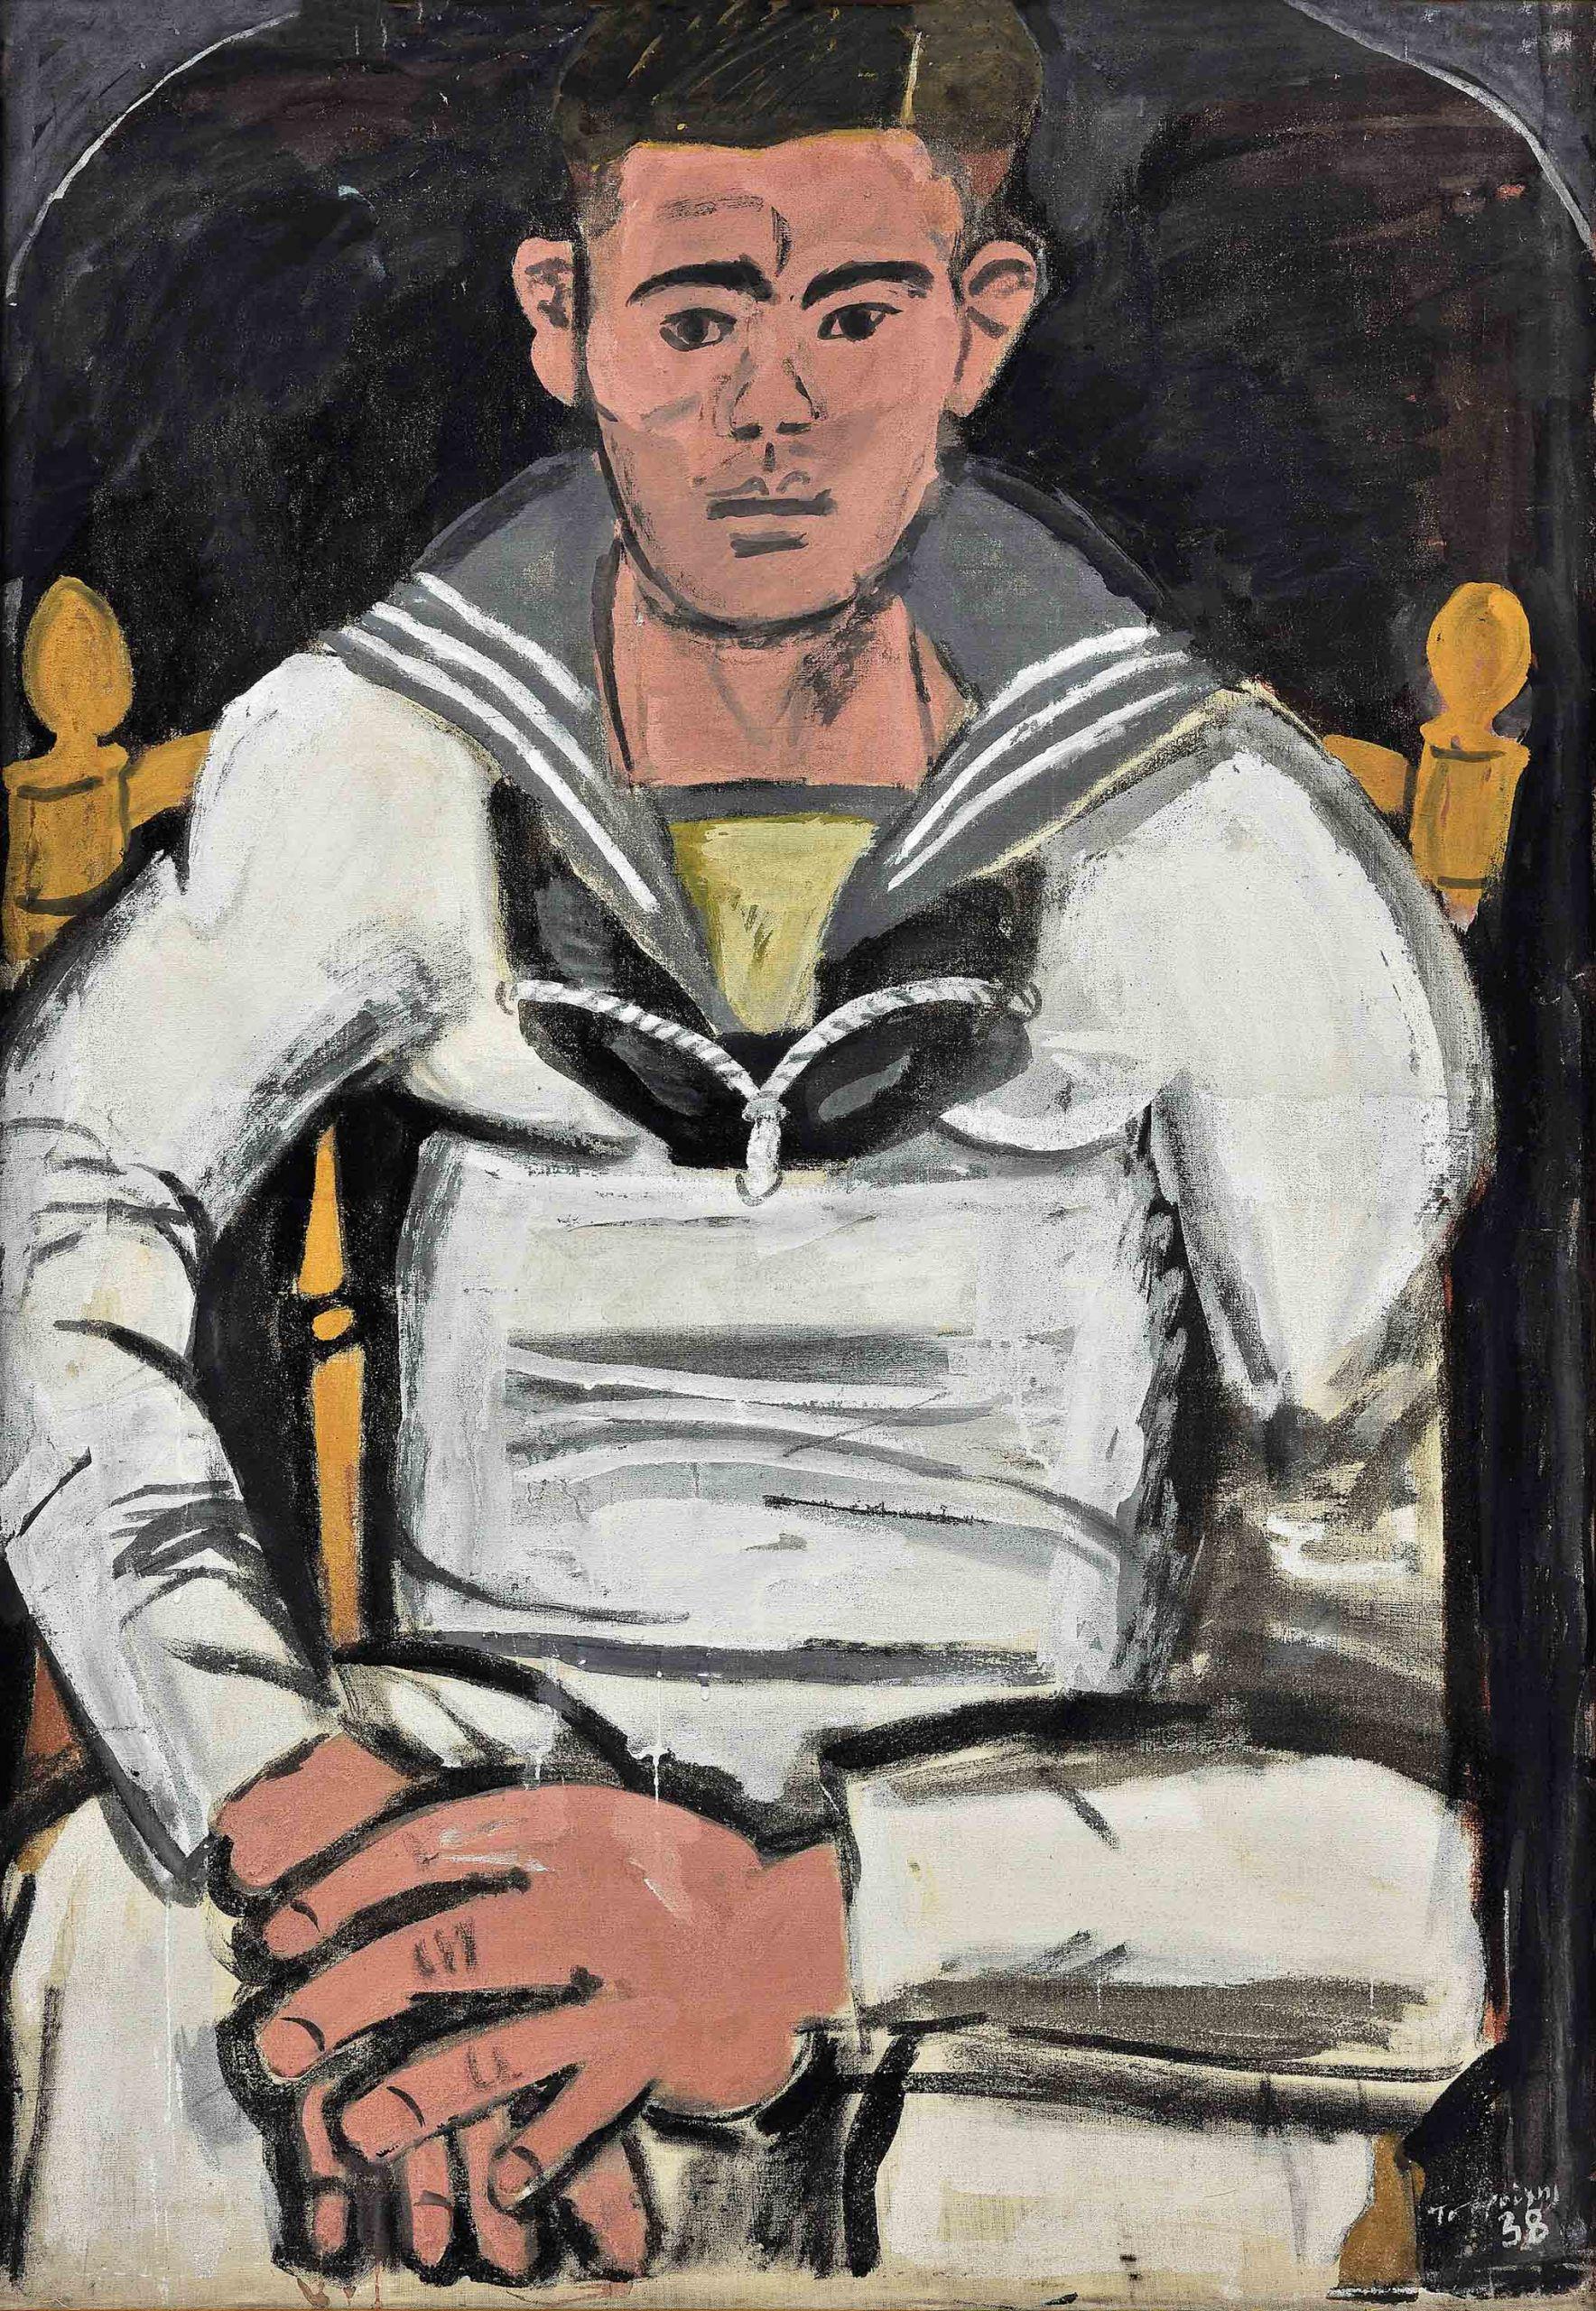 Η Ανθρώπινη Μορφή στην Ελληνική Ζωγραφική στον 20ό αιώνα